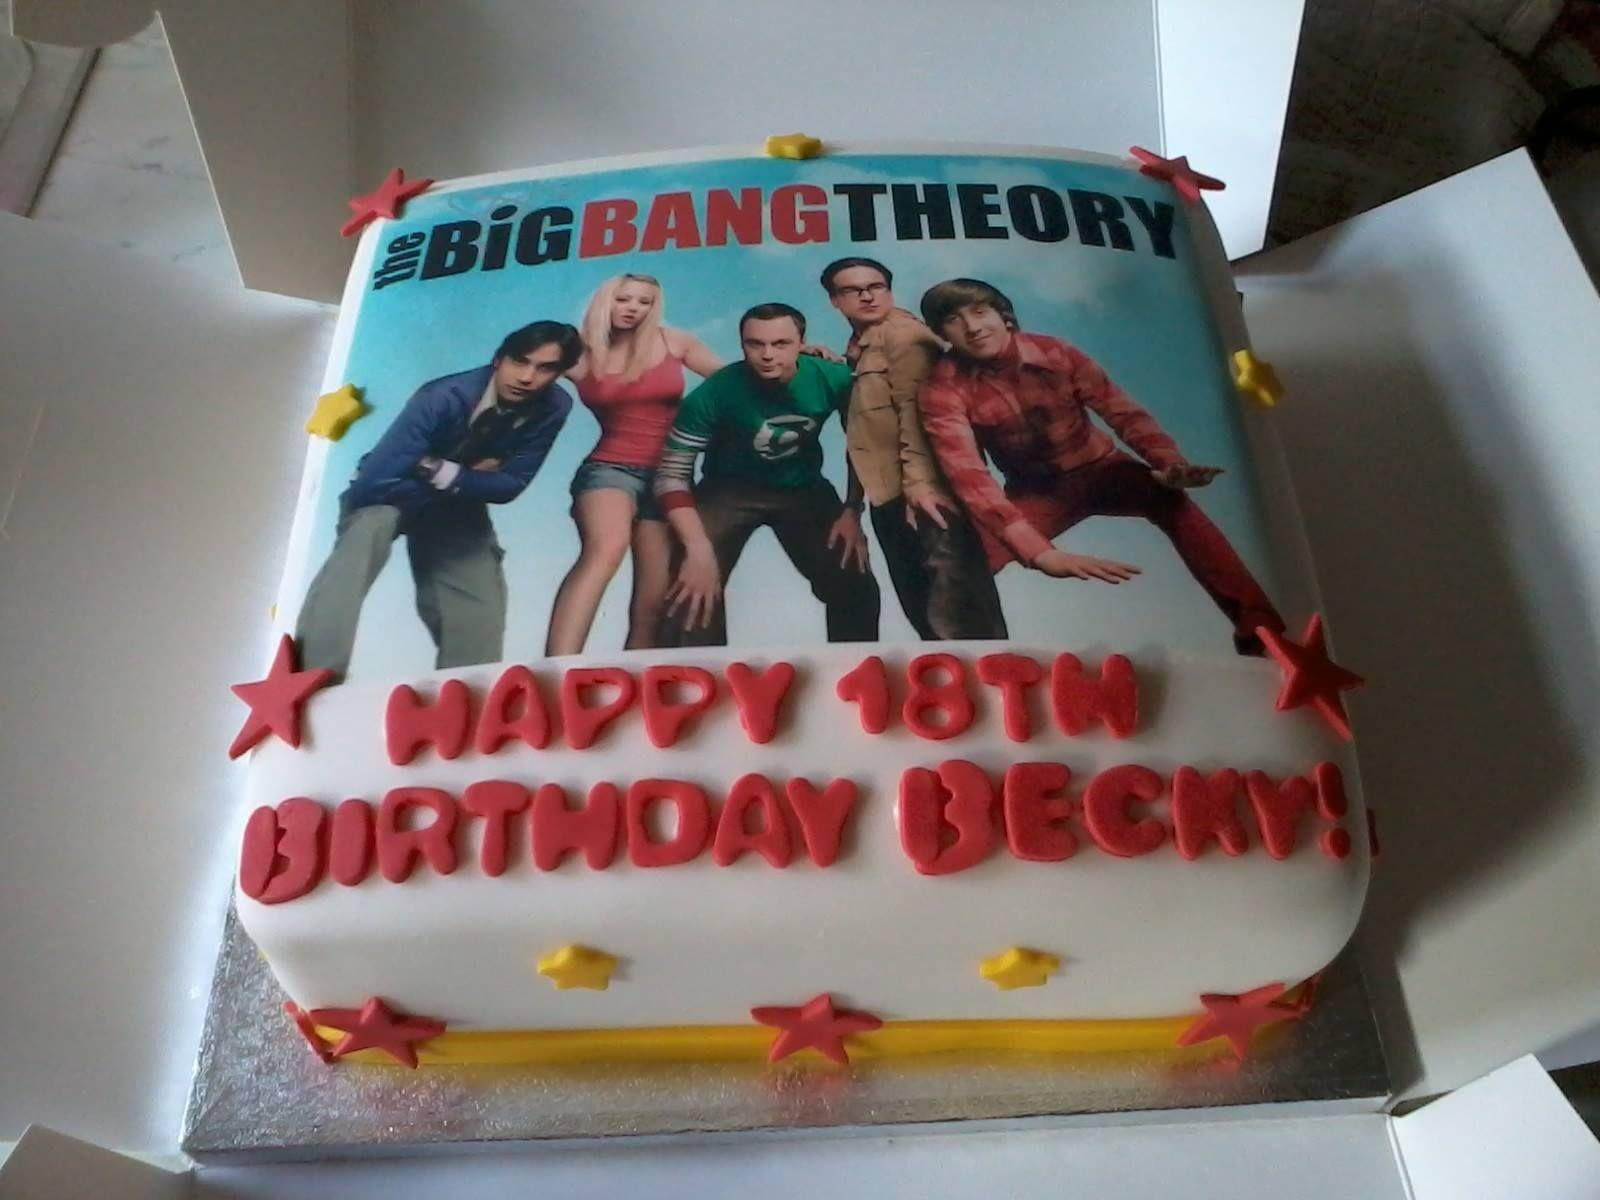 Big Bang Theory Cake My cakes ) Pinterest Big Bang